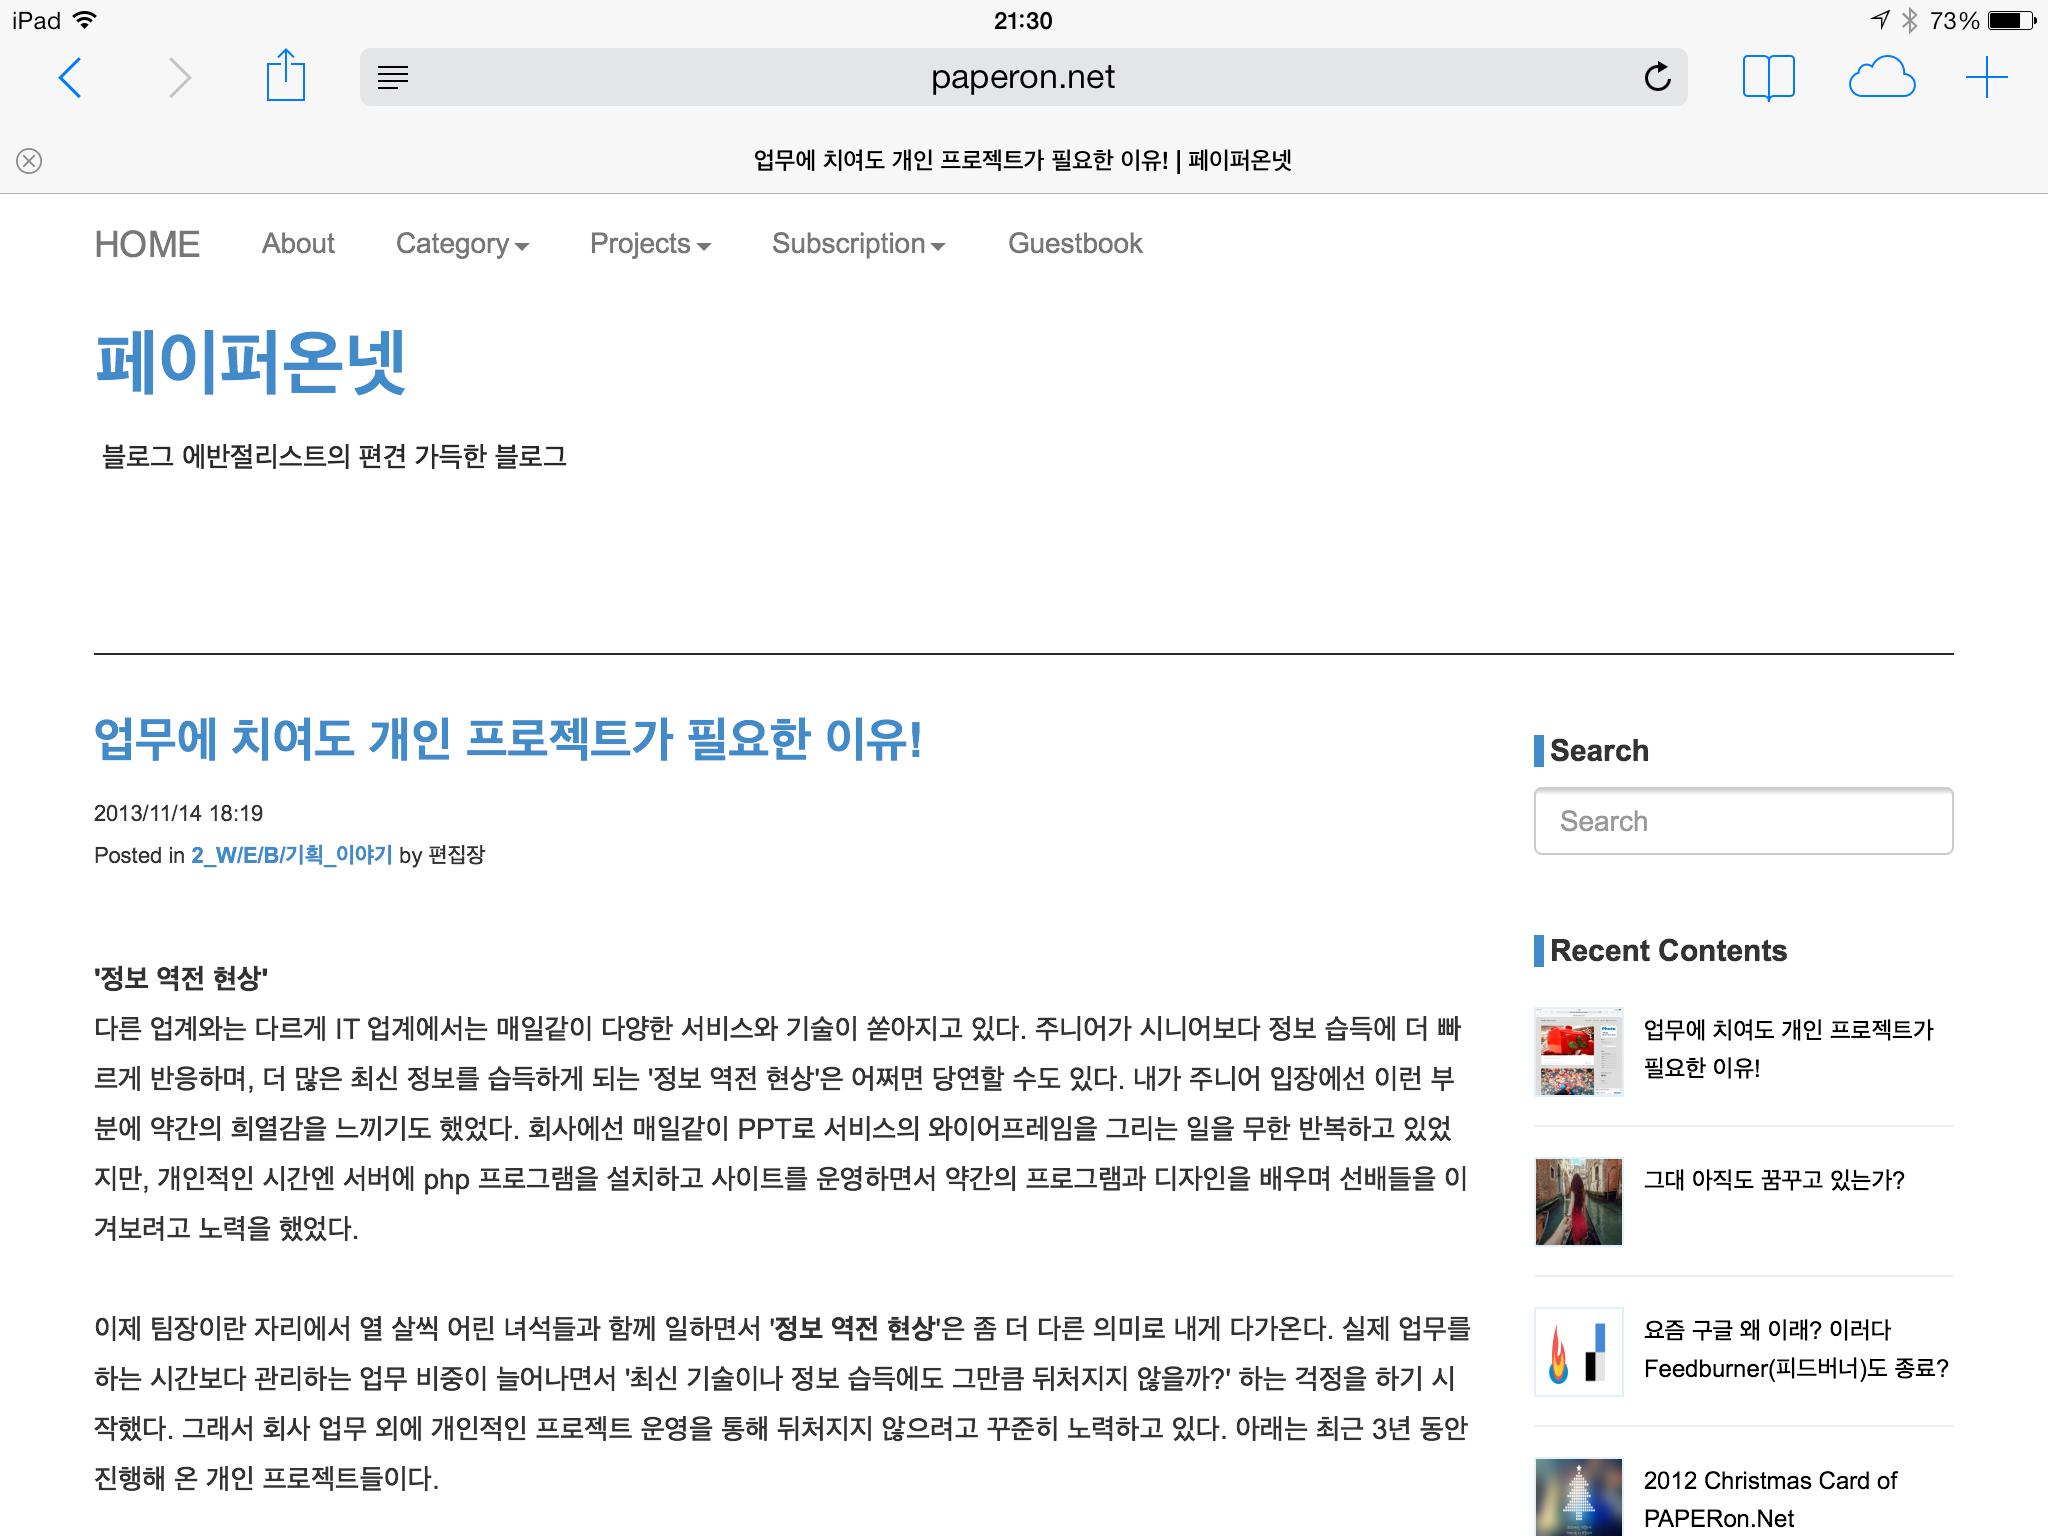 iPad에서 반응형 웹 스킨이 적용된 페이퍼온넷을 본 화면